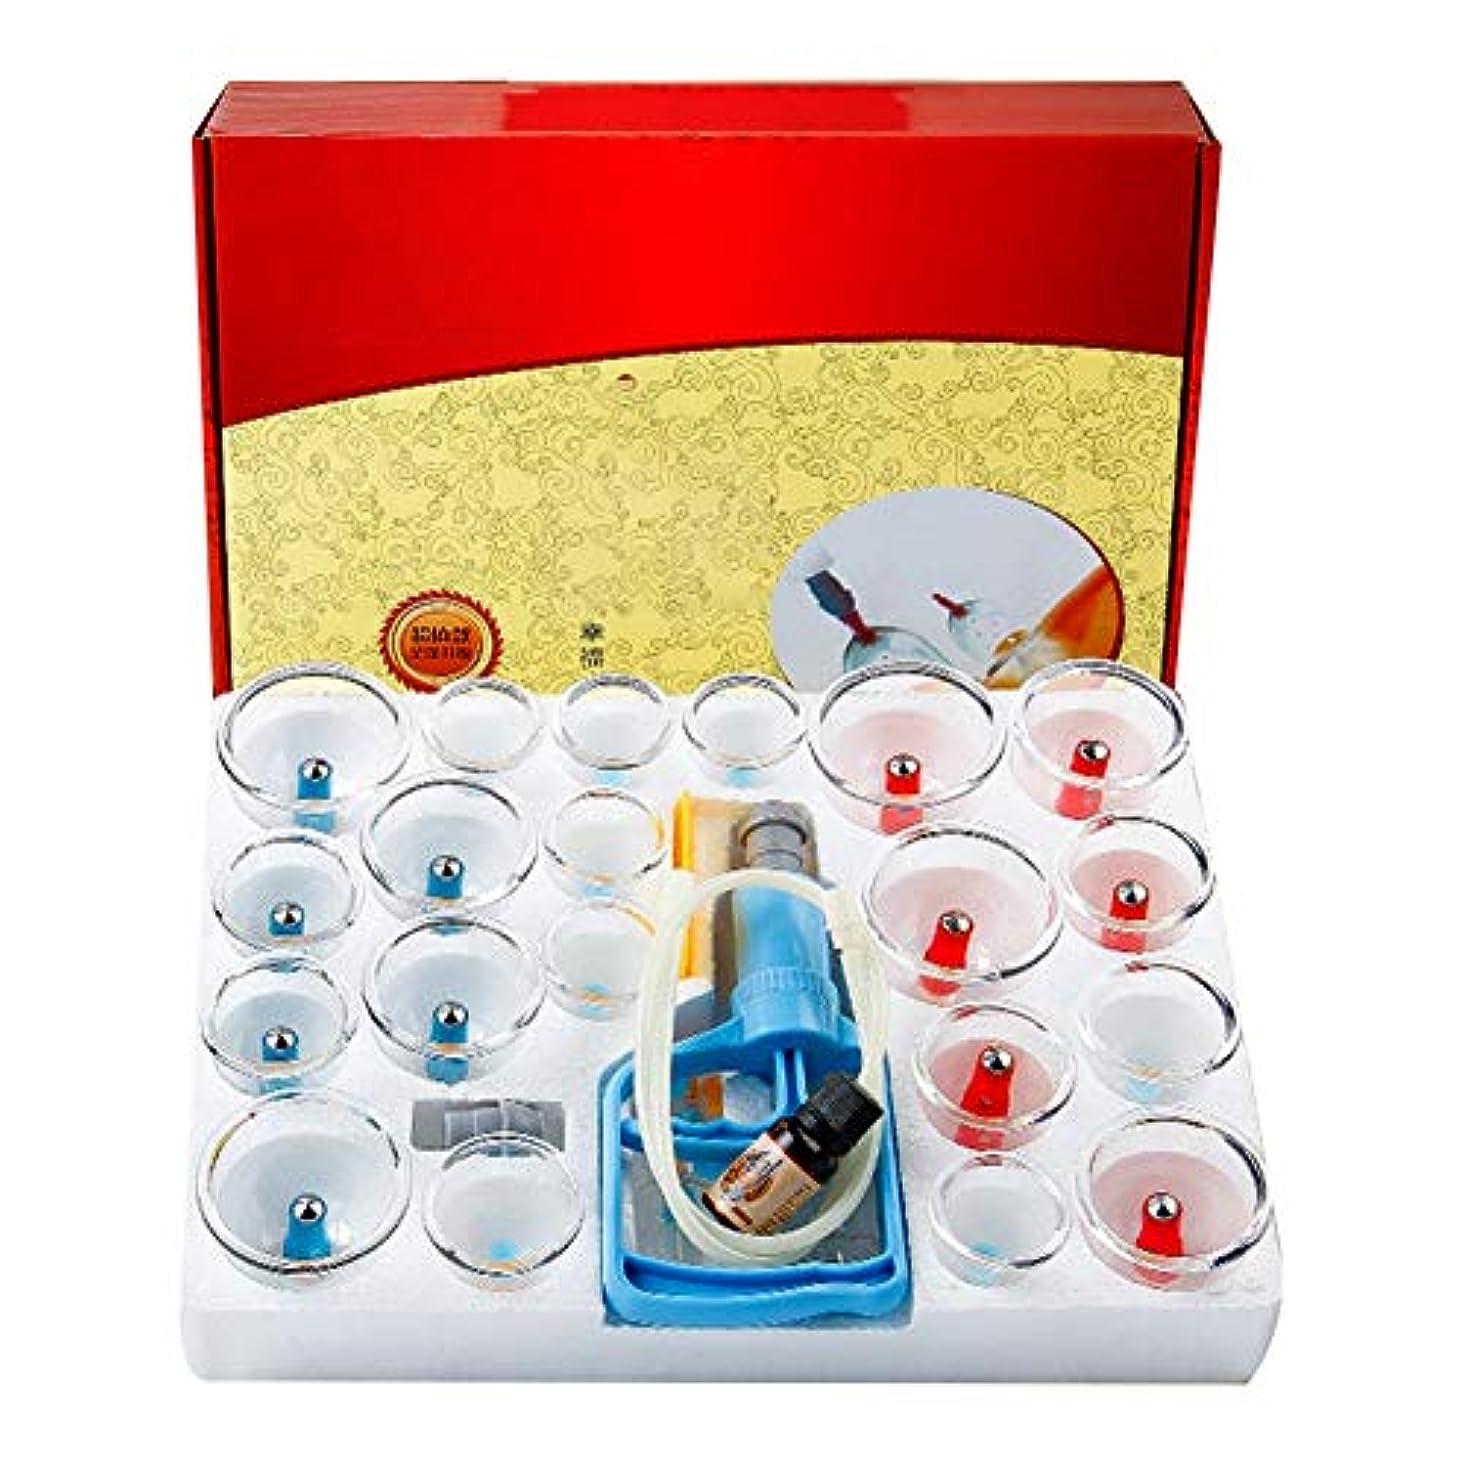 シネウィ邪悪な付与24カップカッピングセットプラスチック、真空吸引生体磁気、ポンプ付き医療、女性と男性用、ストレスマッスルリリーフ、親家族への最高の贈り物